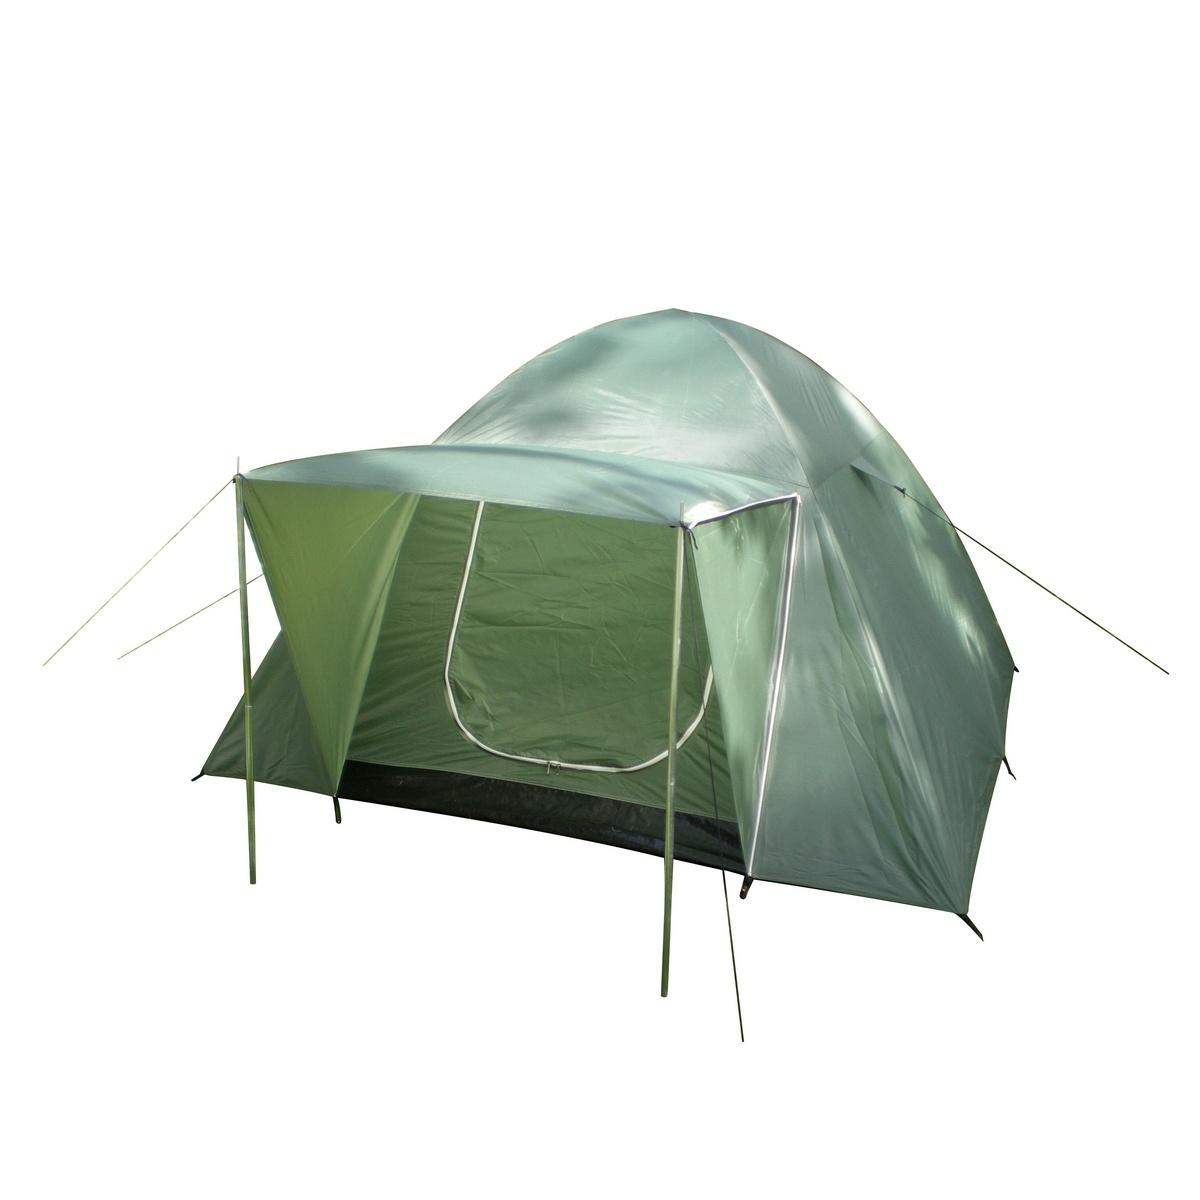 Nawalla Dvojplášťový stan pre 3 osoby zelená, 210 x 210 x 130 cm